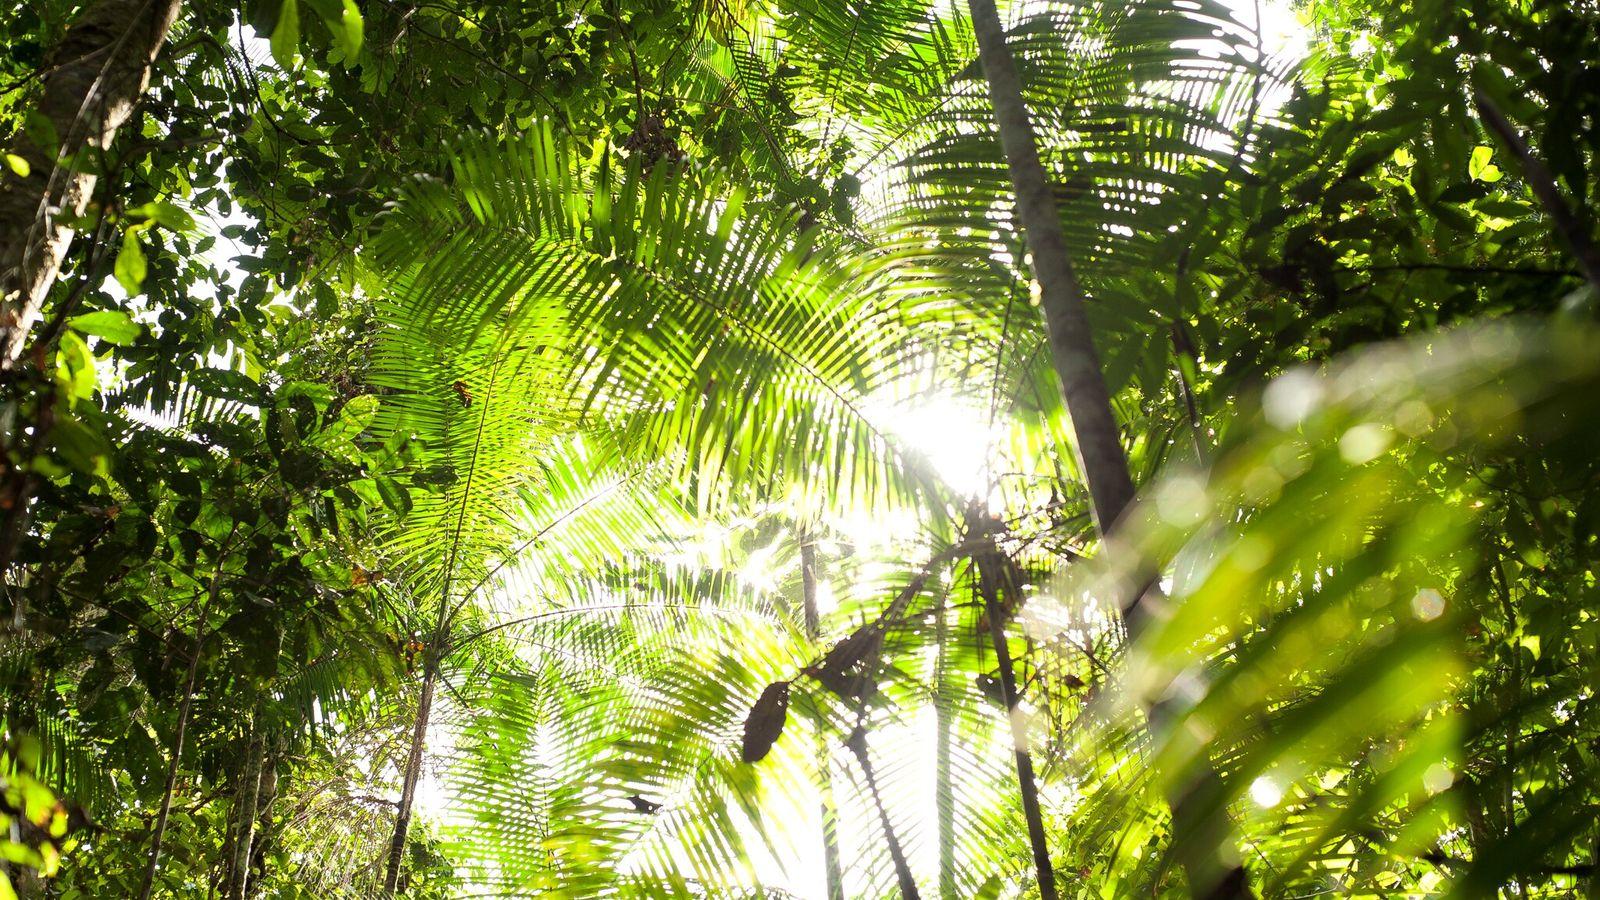 Un futuro más cálido para los bosques como el Amazonas, que se muestra aquí, no significa ...